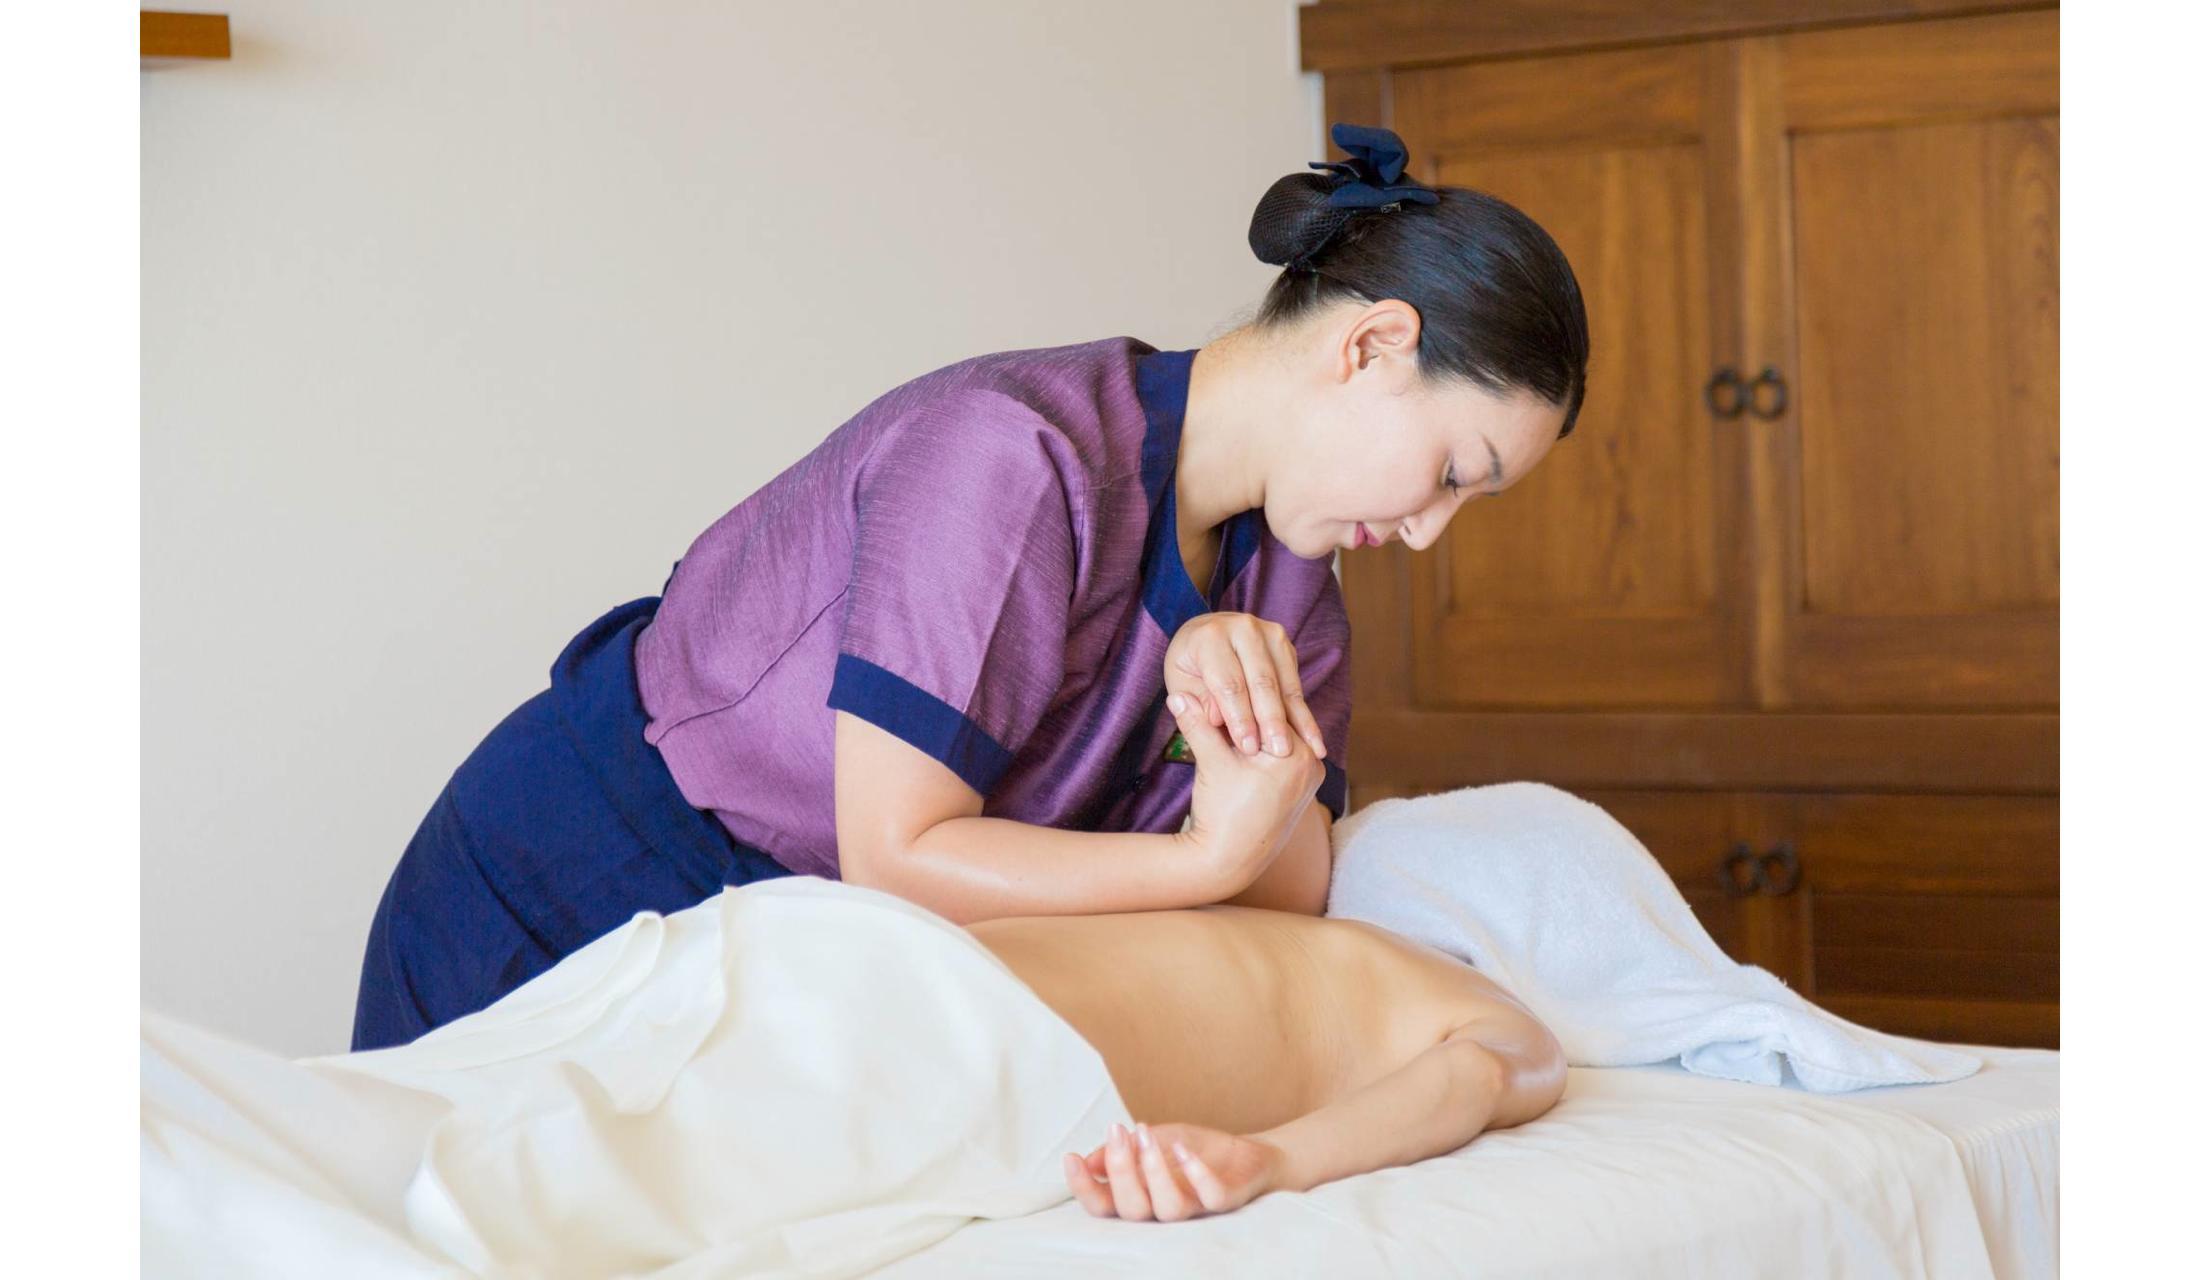 世界中のセレブを虜にする「バリヤンツリー・スパ」の熟練の施術を体験できるのは、日本ではシーガイアだけ!